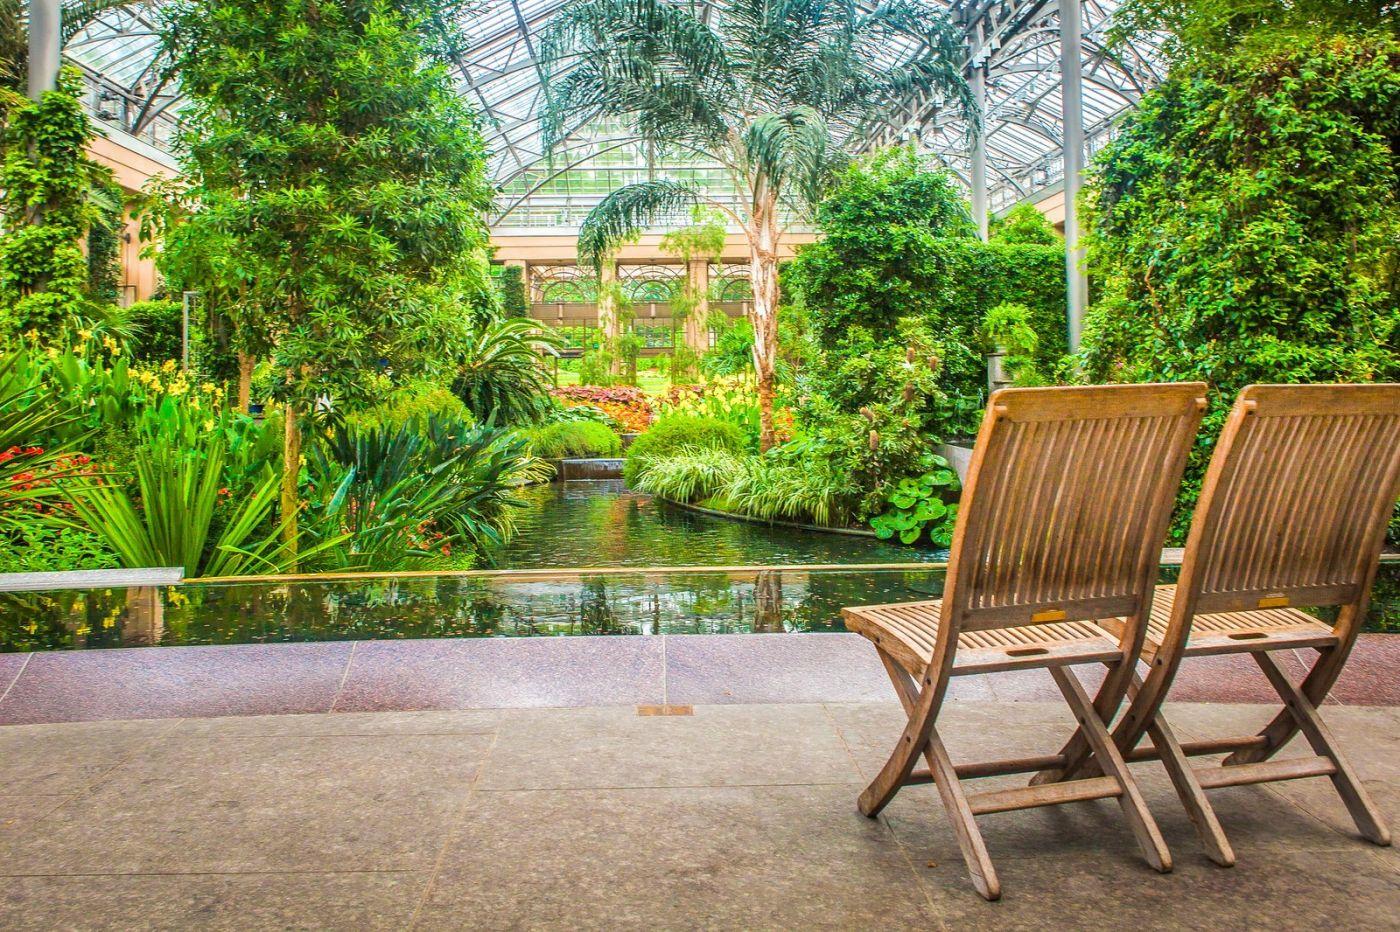 宾州长木公园,室内花园美如画_图1-29